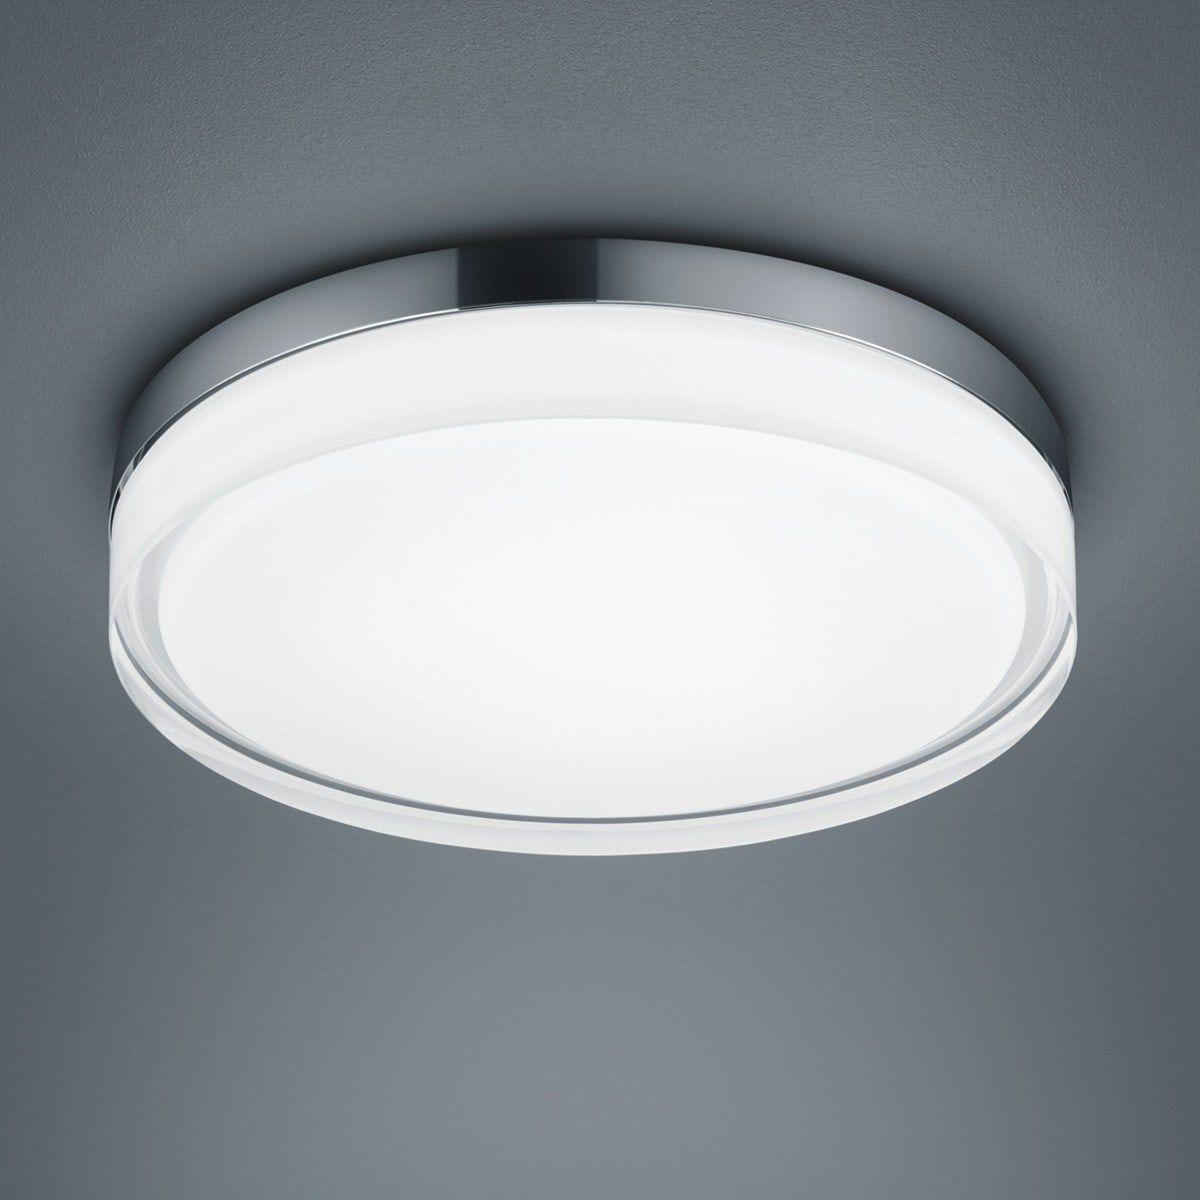 Full Size of Deckenlampen Schlafzimmer Amazon Deckenlampe Led Ideen Design Lampe Deckenleuchte Modern Ikea Moderne Obi Badezimmer Spiegel Briloner Deckenfluter Mit Für Schlafzimmer Schlafzimmer Deckenlampe